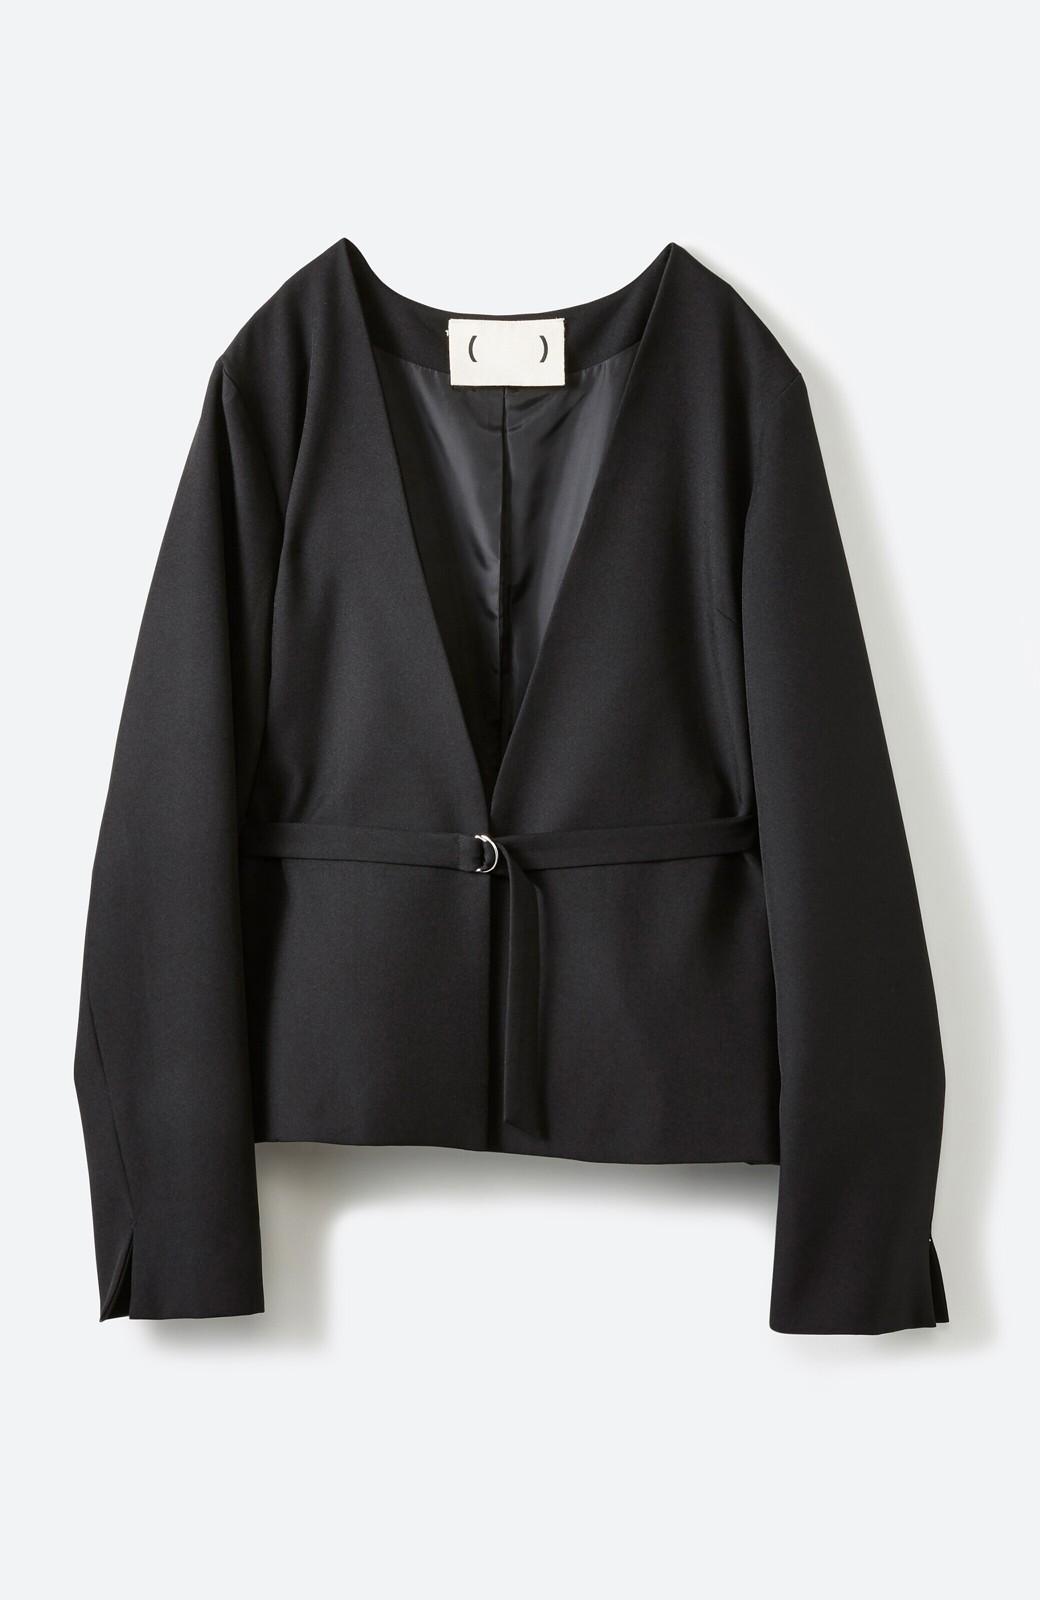 haco! 持っていると便利な野暮ったくならないフォーマルジャケット・スカートの2点セット <ブラック>の商品写真2